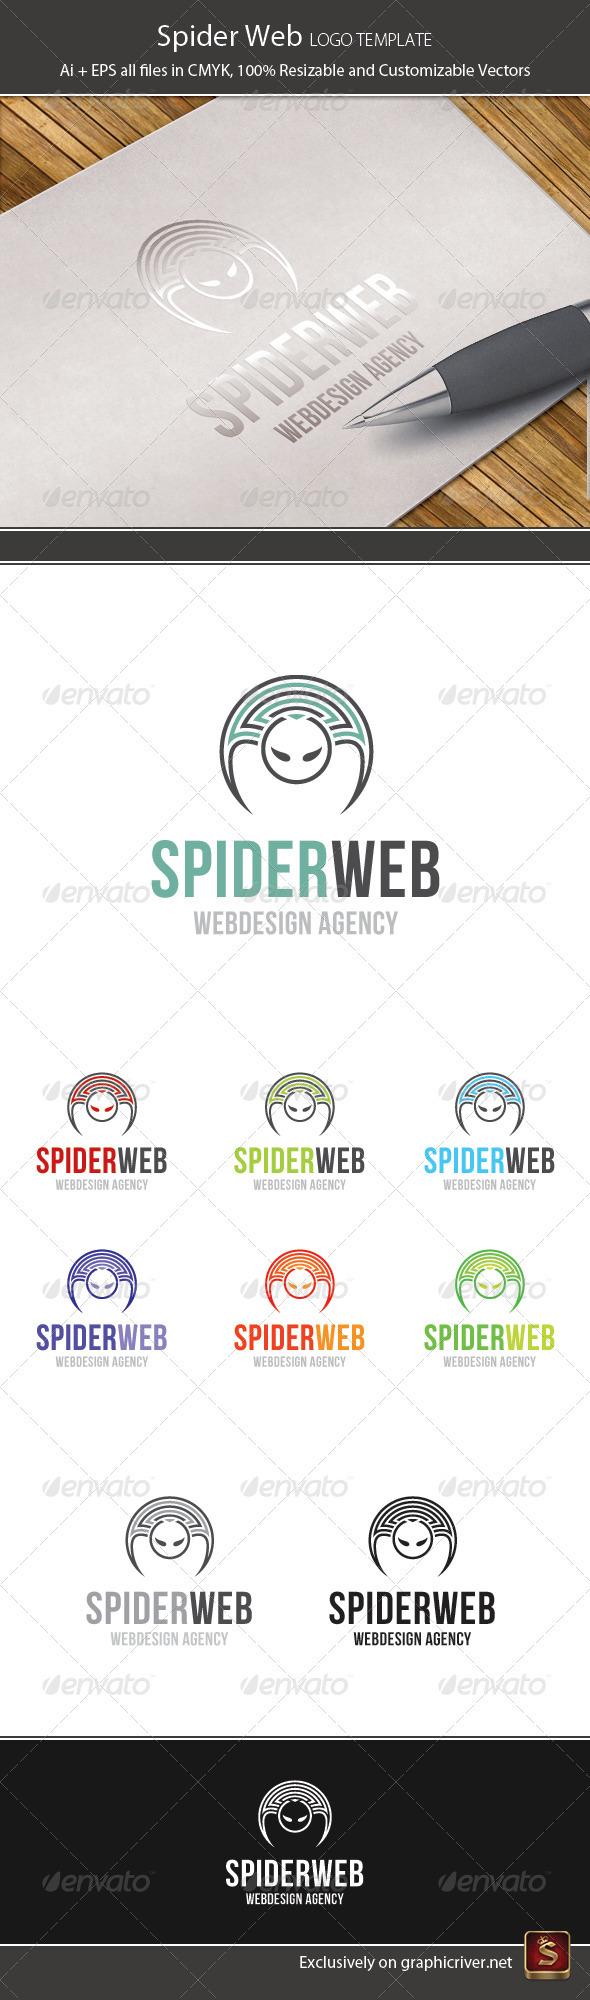 spider web logo template graphicriver. Black Bedroom Furniture Sets. Home Design Ideas